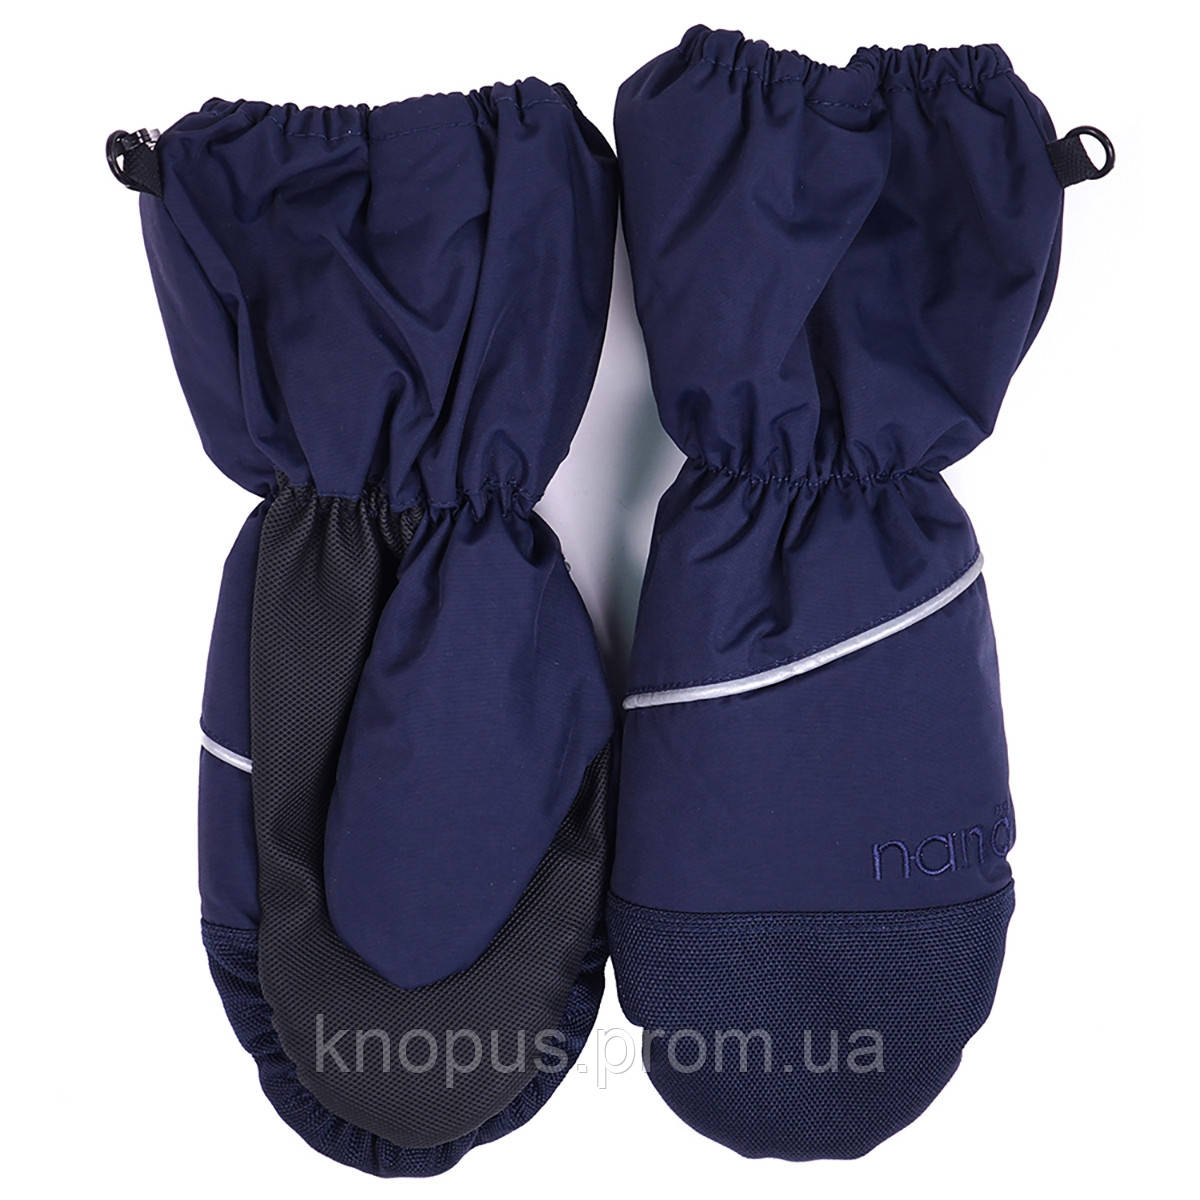 Перчатки-краги, водонепроницаемые с меховым вкладышем,  цвет в ассортименте, возраст от 12 мес 14 лет, Nano